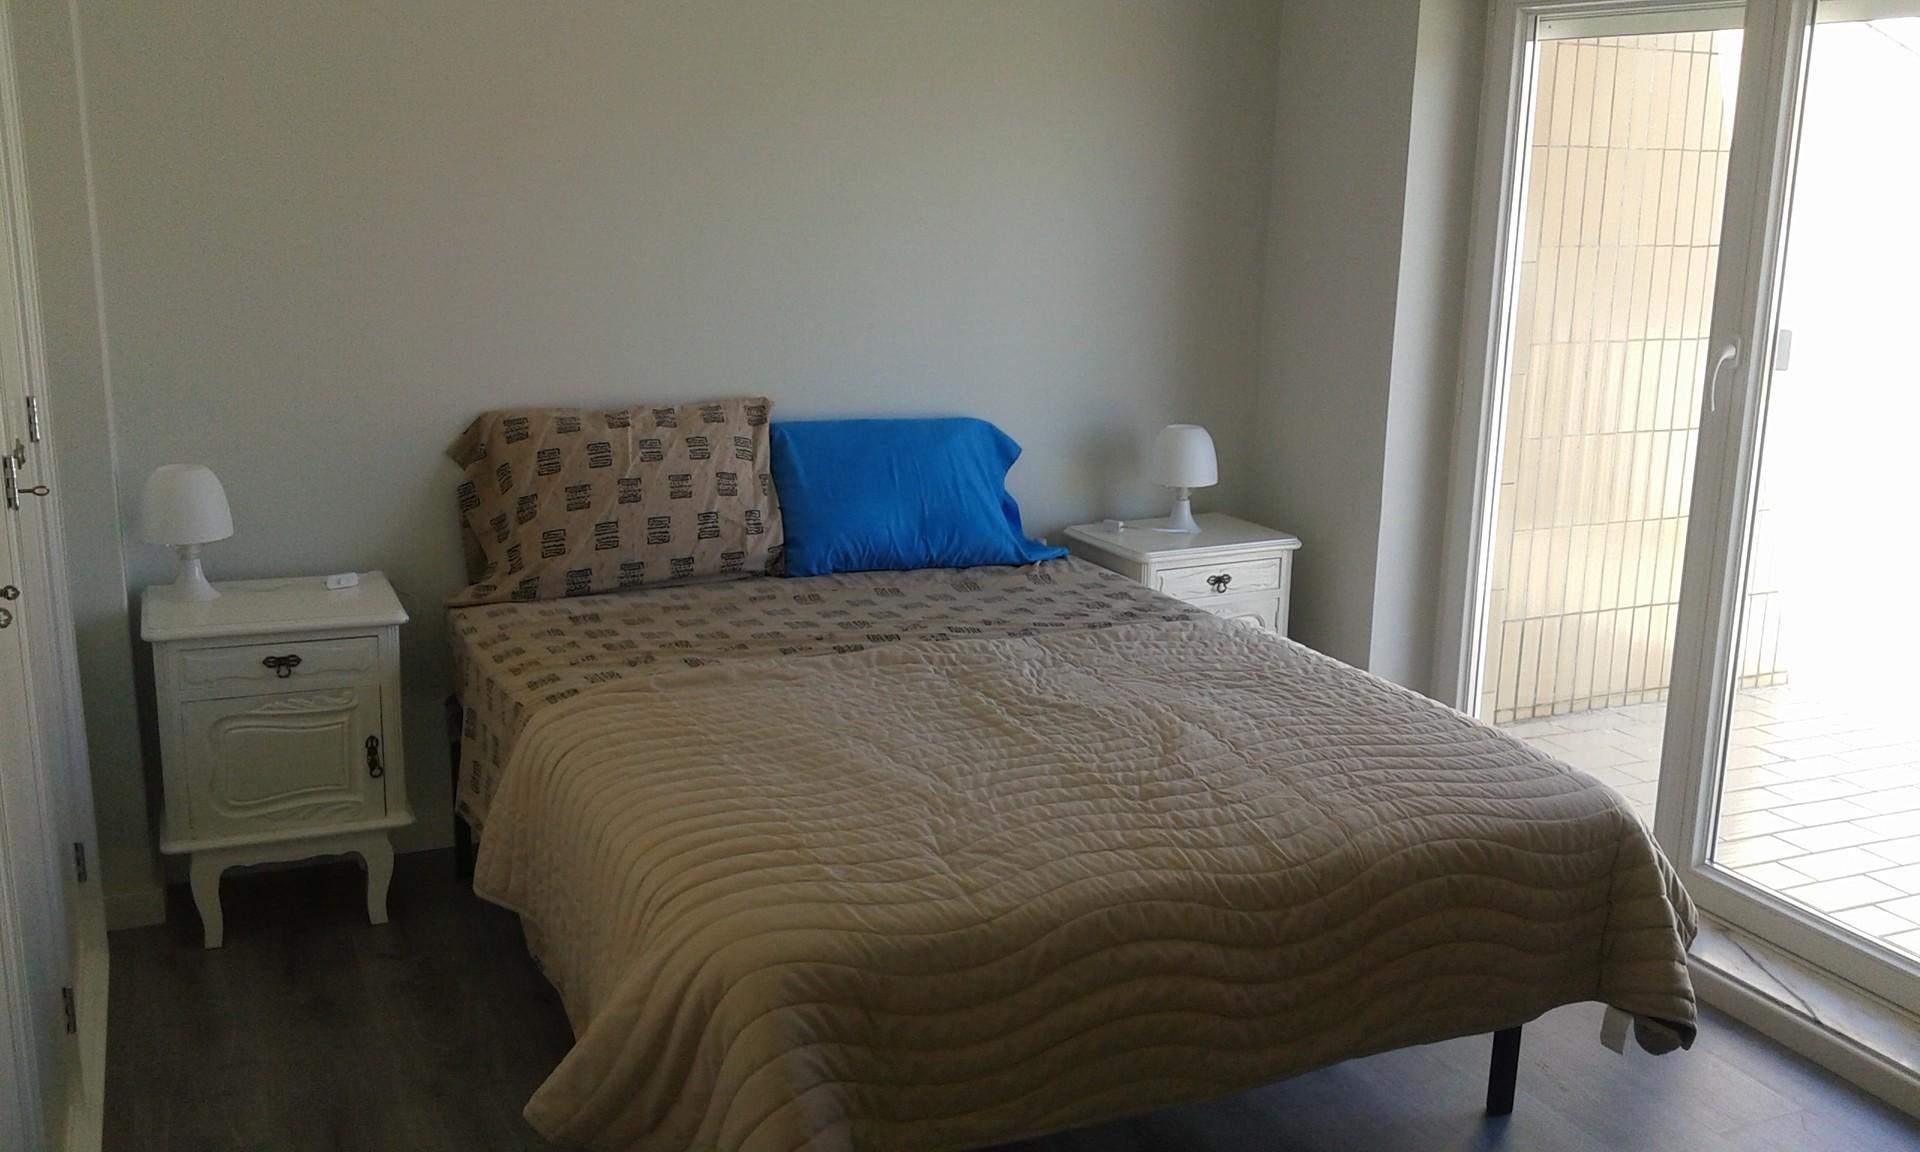 apartamento-amplo-e-ensolarado-centro-aveiro-32a78fa1762e2b9ed63c2ea83a29d030